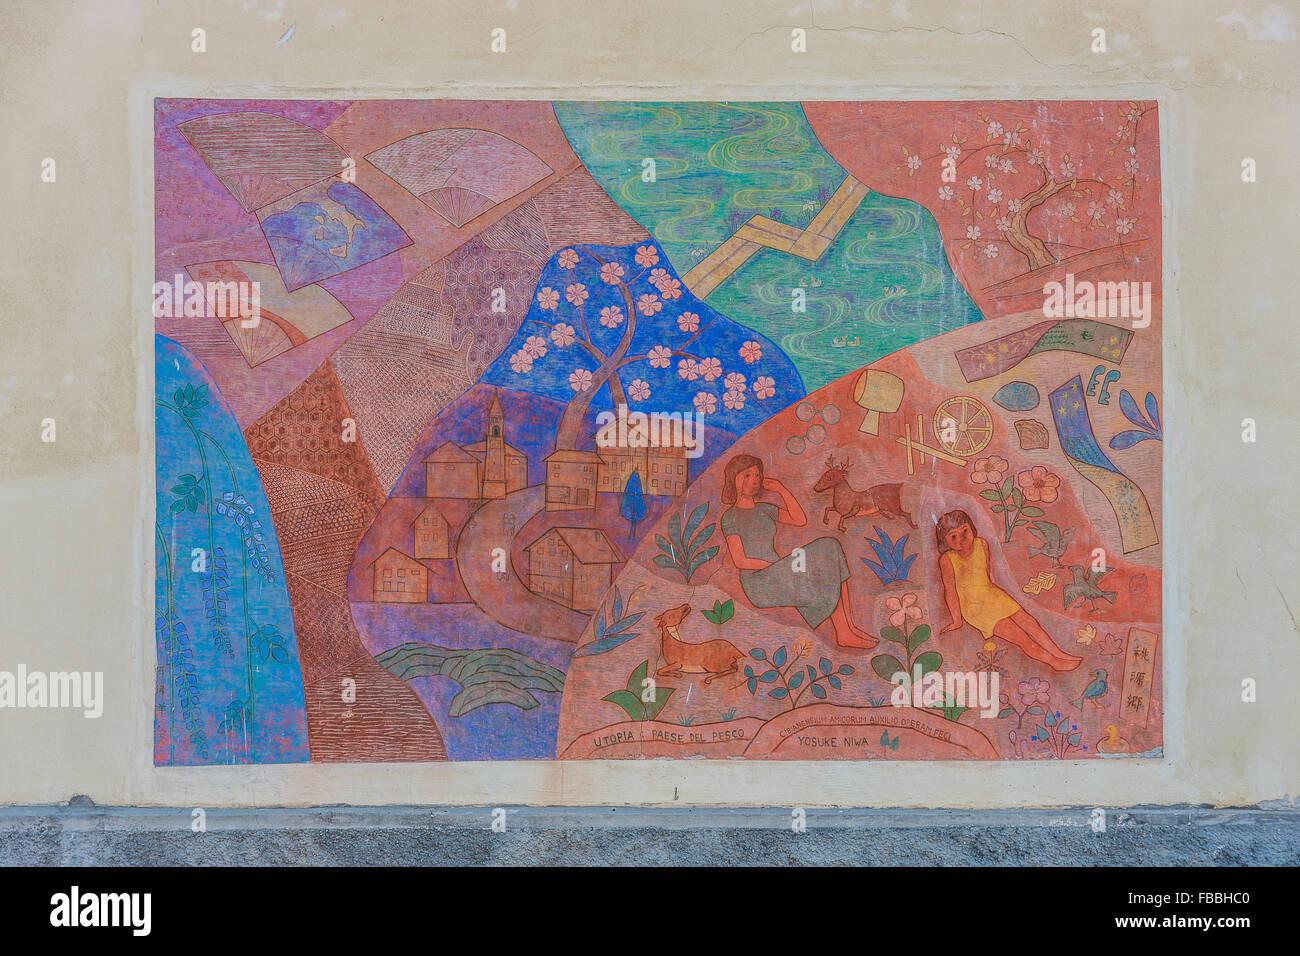 Veneto Masariè  'Too ghen kio, utopia' (Yosuke Niwa - 1988) - Stock Image